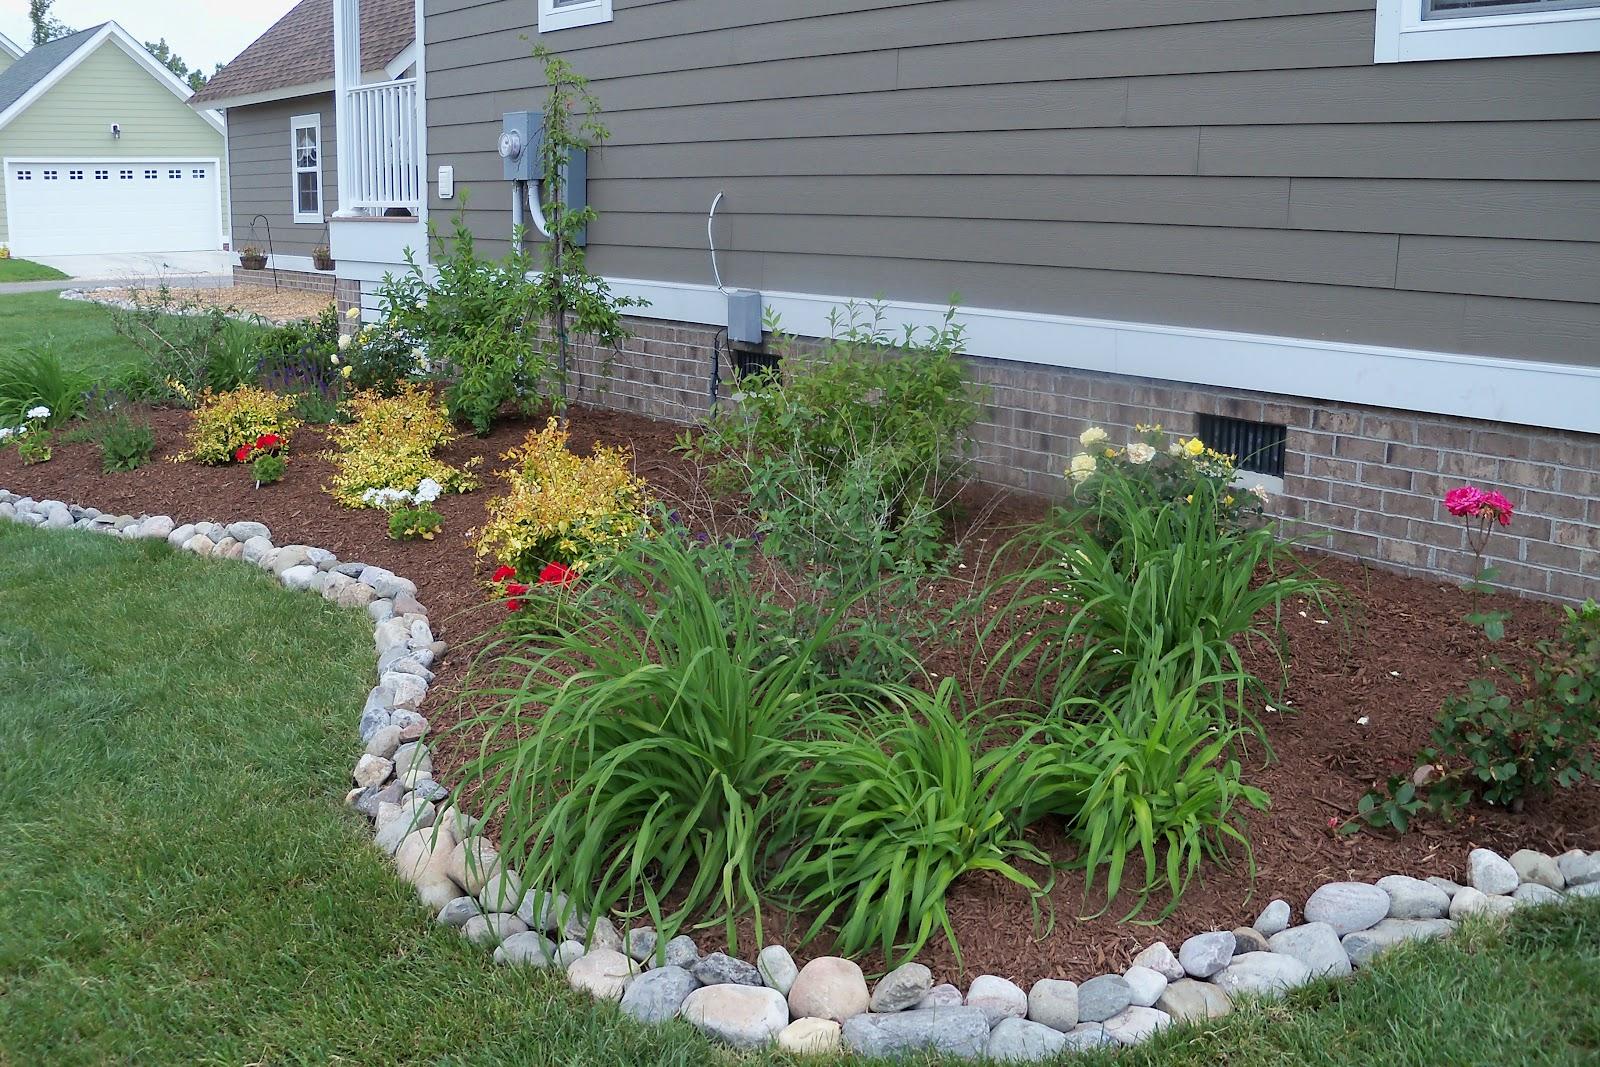 river rock garden edging ideas photo - 5